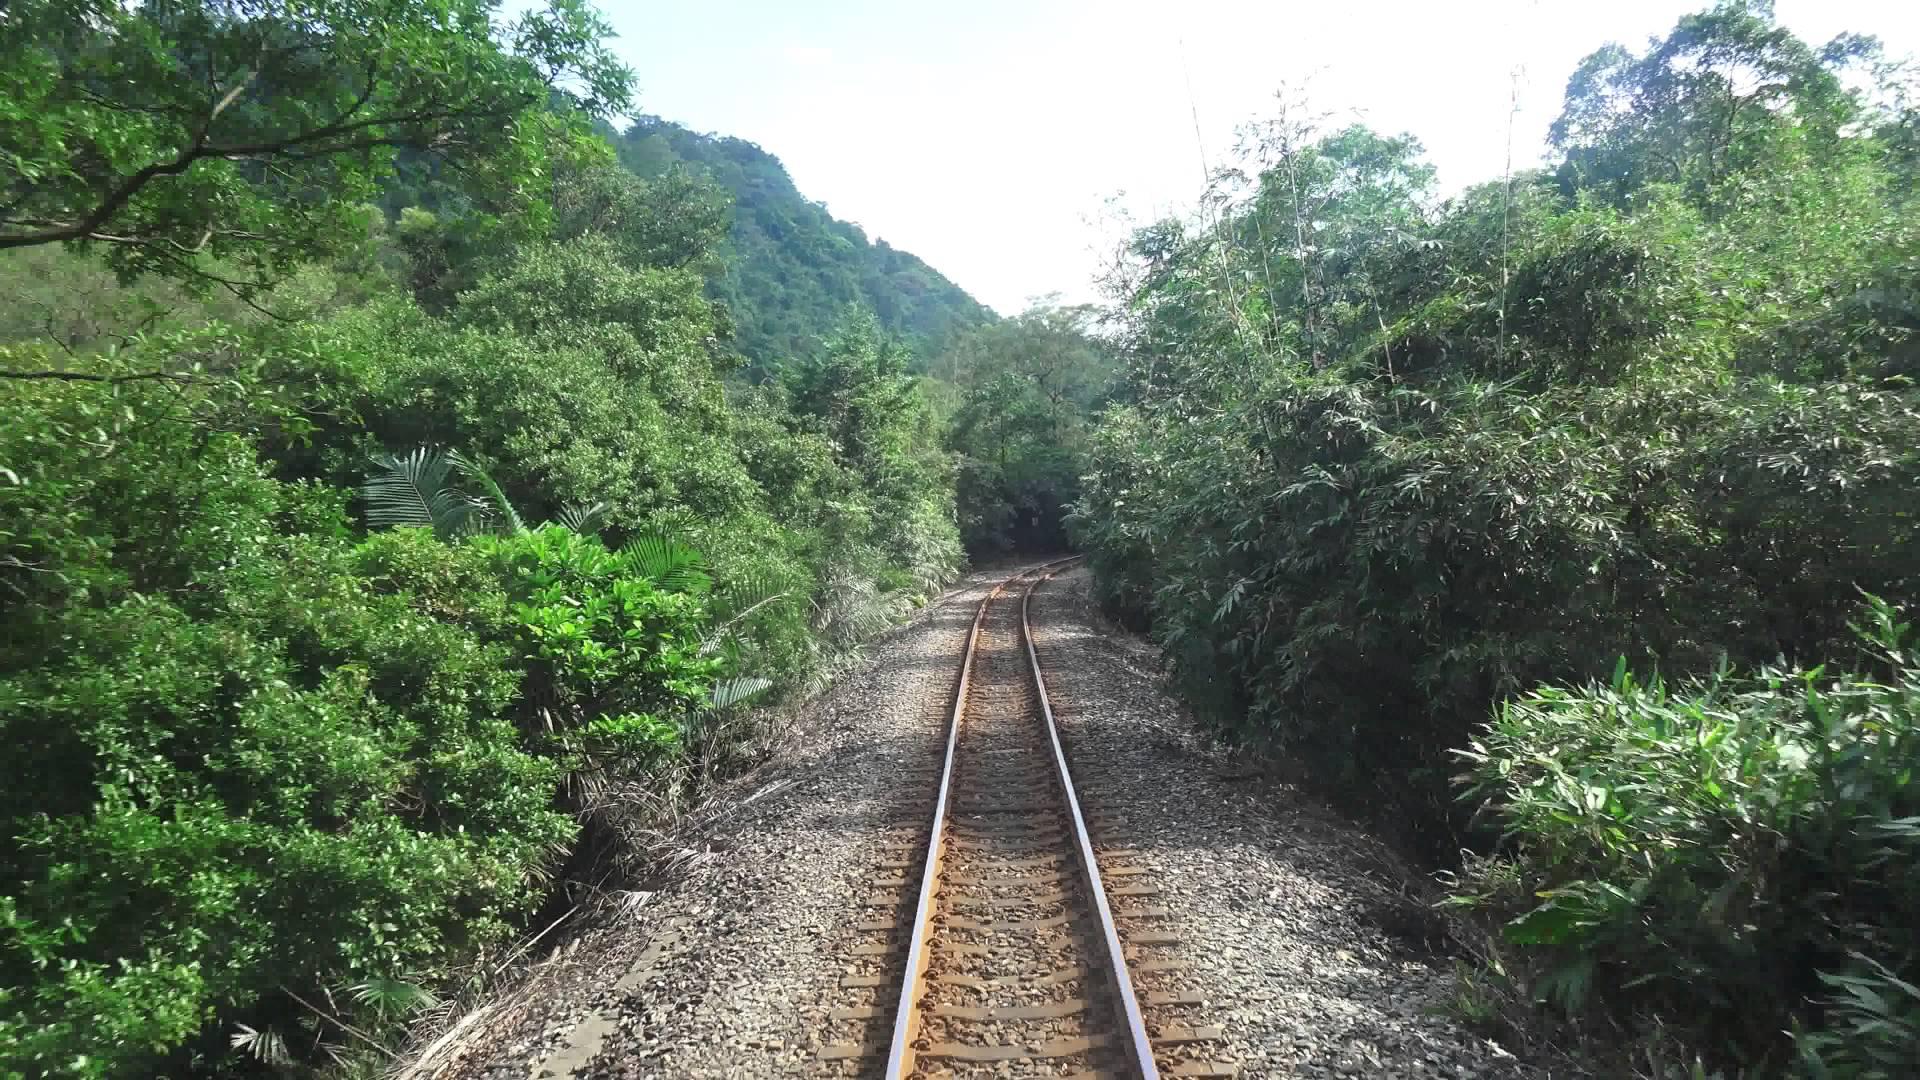 臺鐵 平溪 深澳線 4716次 海科館 – 菁桐 後側 路程景